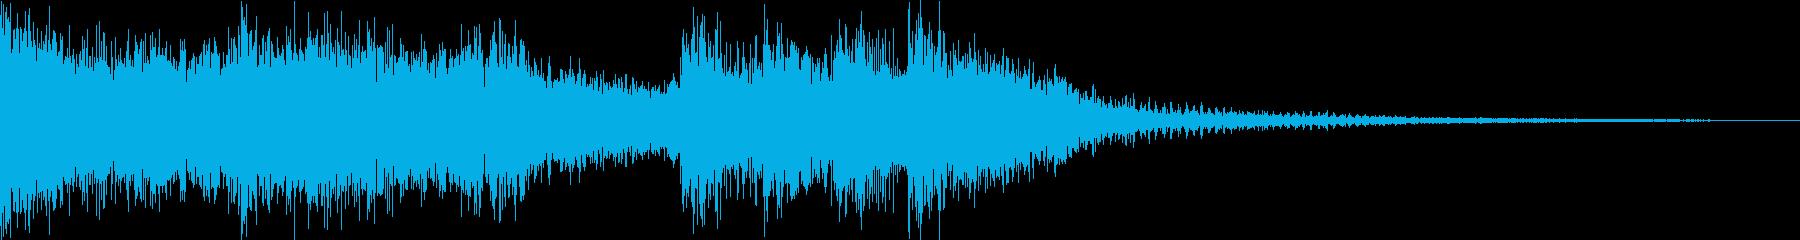 豪快なブラス!(3秒)の再生済みの波形